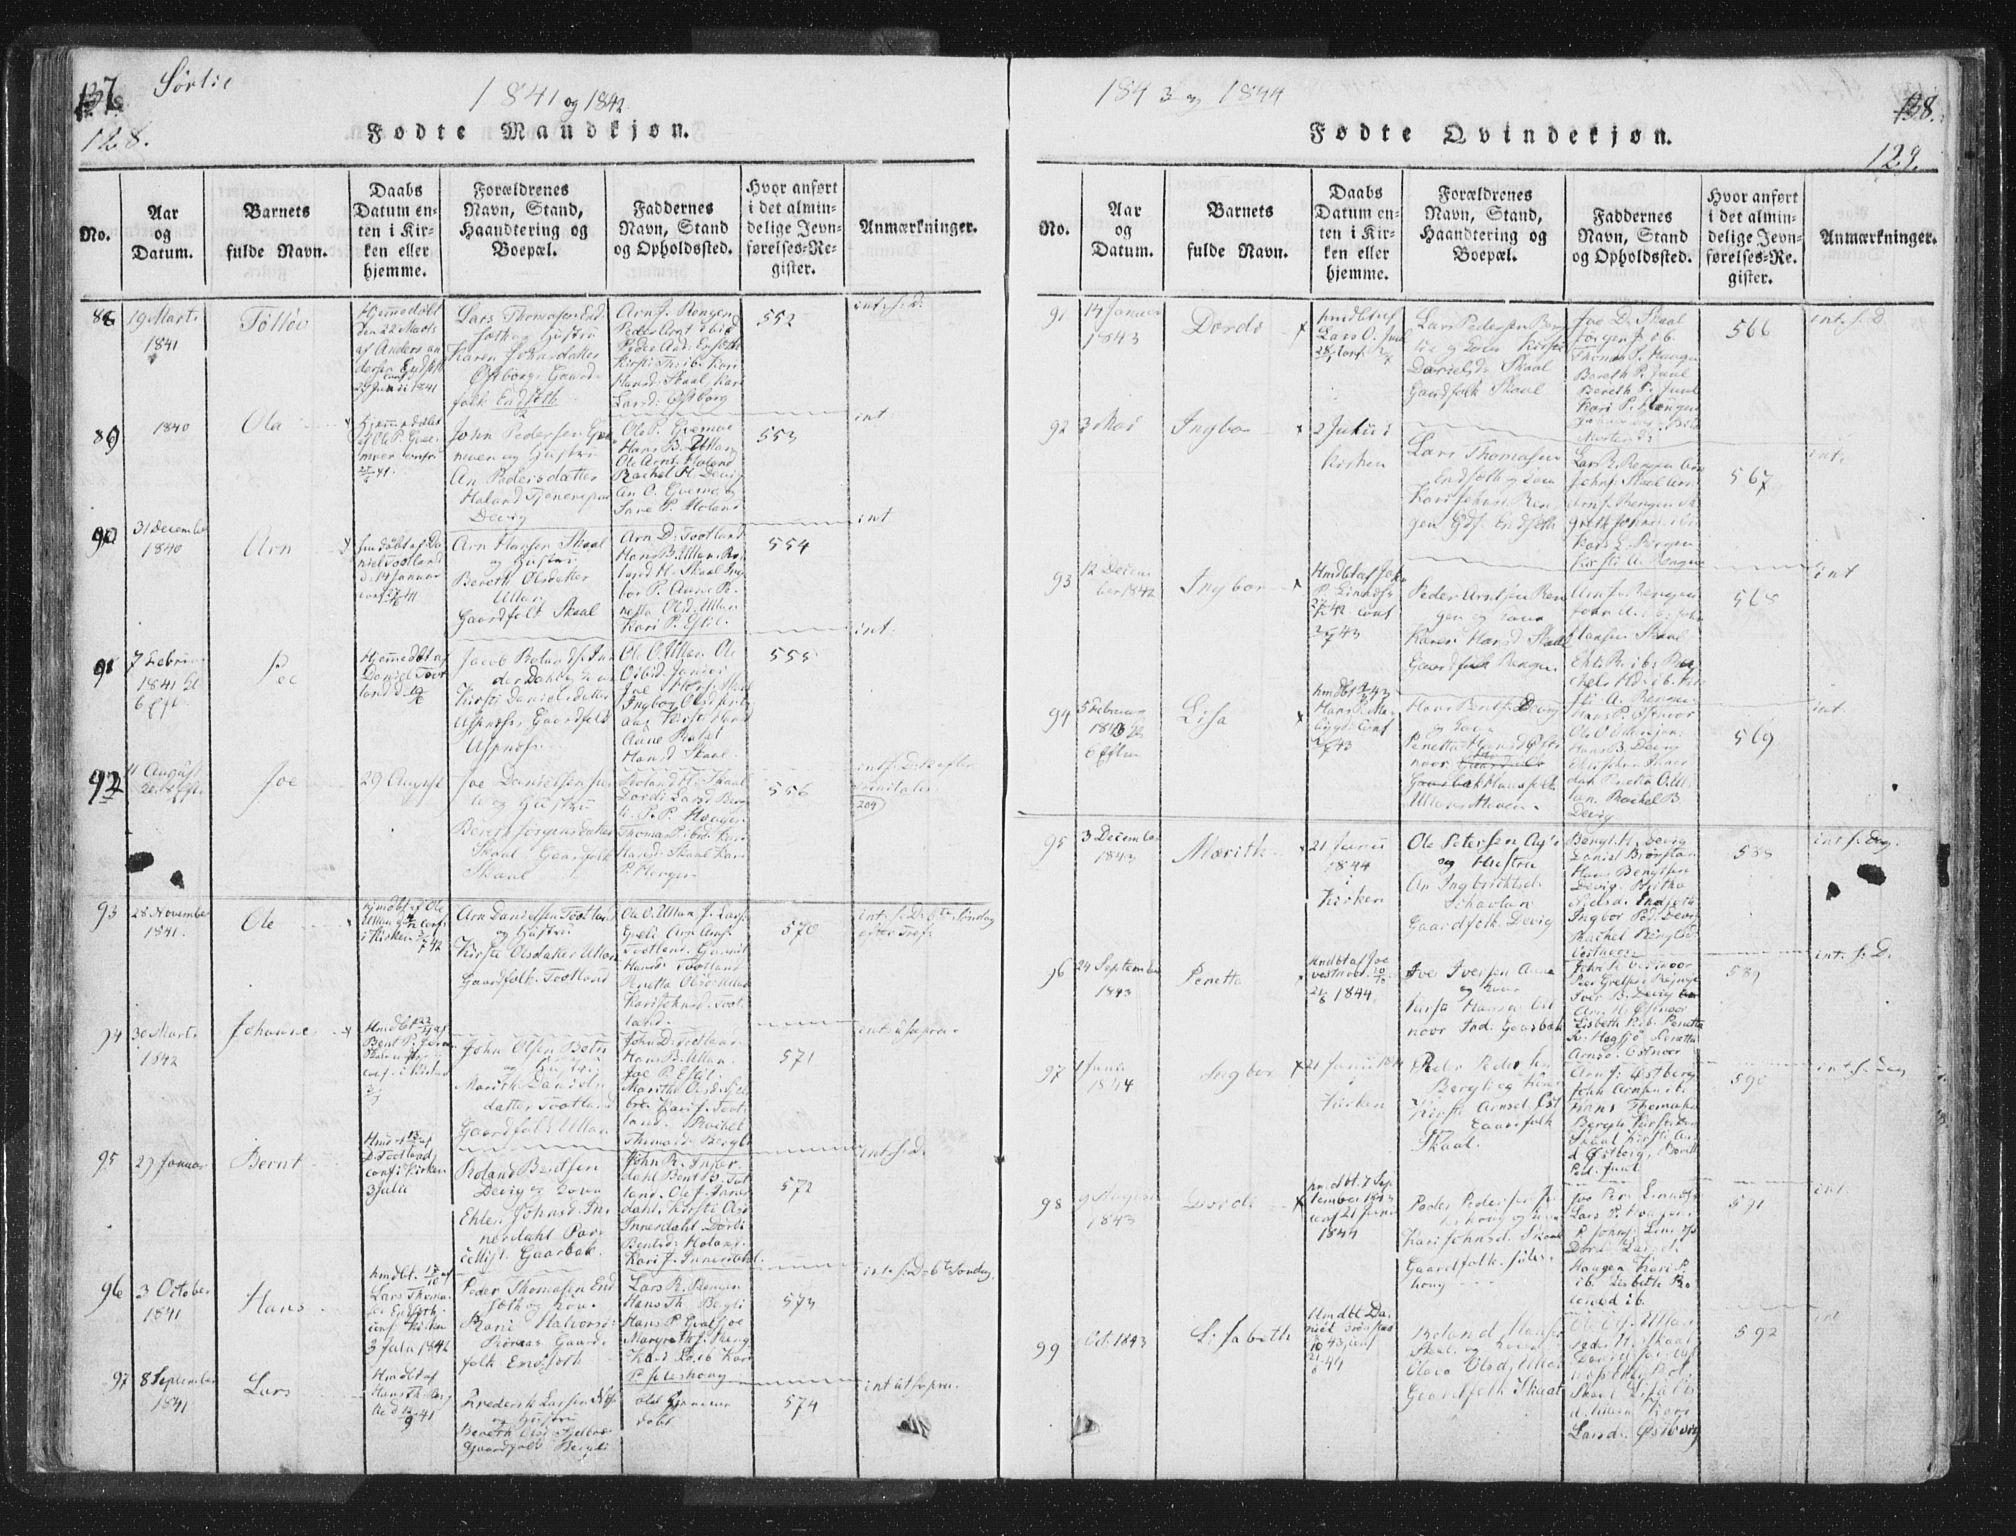 SAT, Ministerialprotokoller, klokkerbøker og fødselsregistre - Nord-Trøndelag, 755/L0491: Ministerialbok nr. 755A01 /2, 1817-1864, s. 128-129